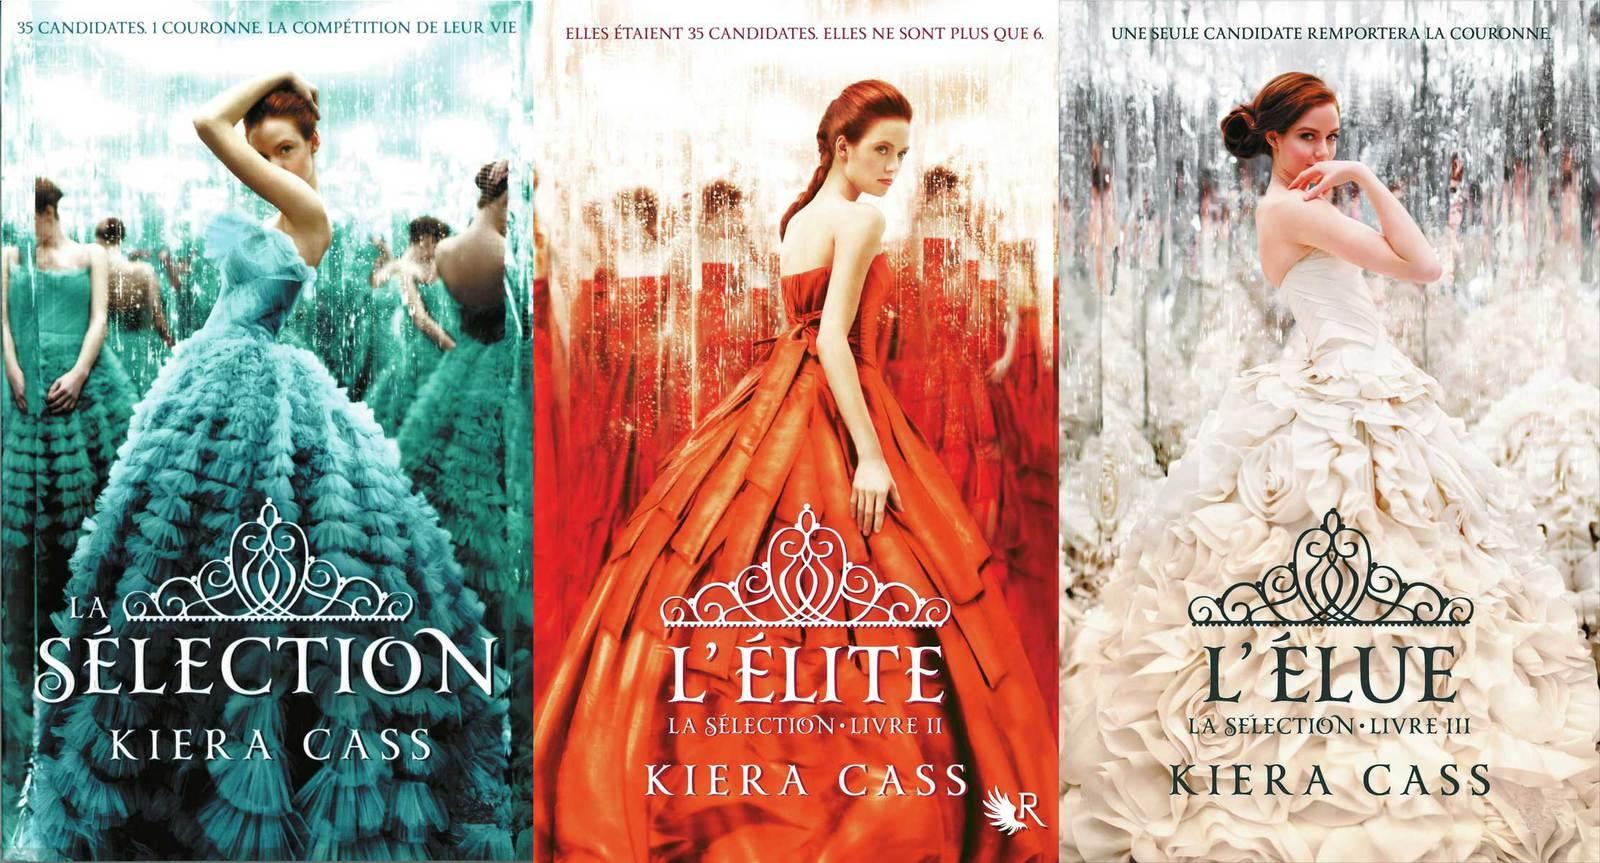 """Mes lectures de l'été #3 : """"L'élite"""" et """"L'élue"""", de Kiera Cass"""